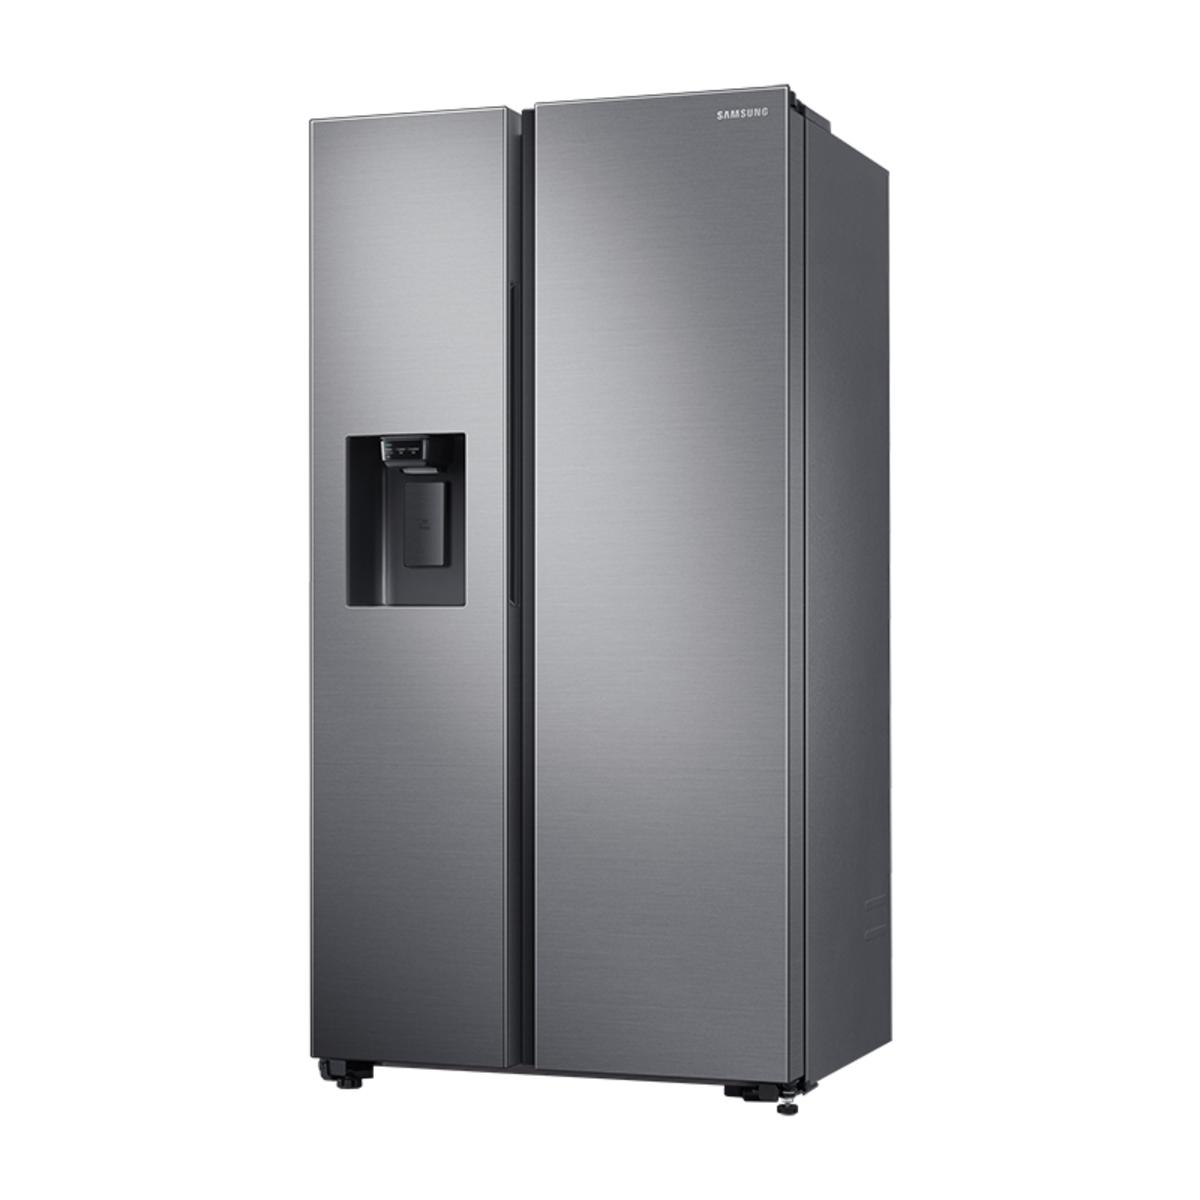 Samsung RS65R5401M9/EU American Style Fridge Freezer, Matte Silver